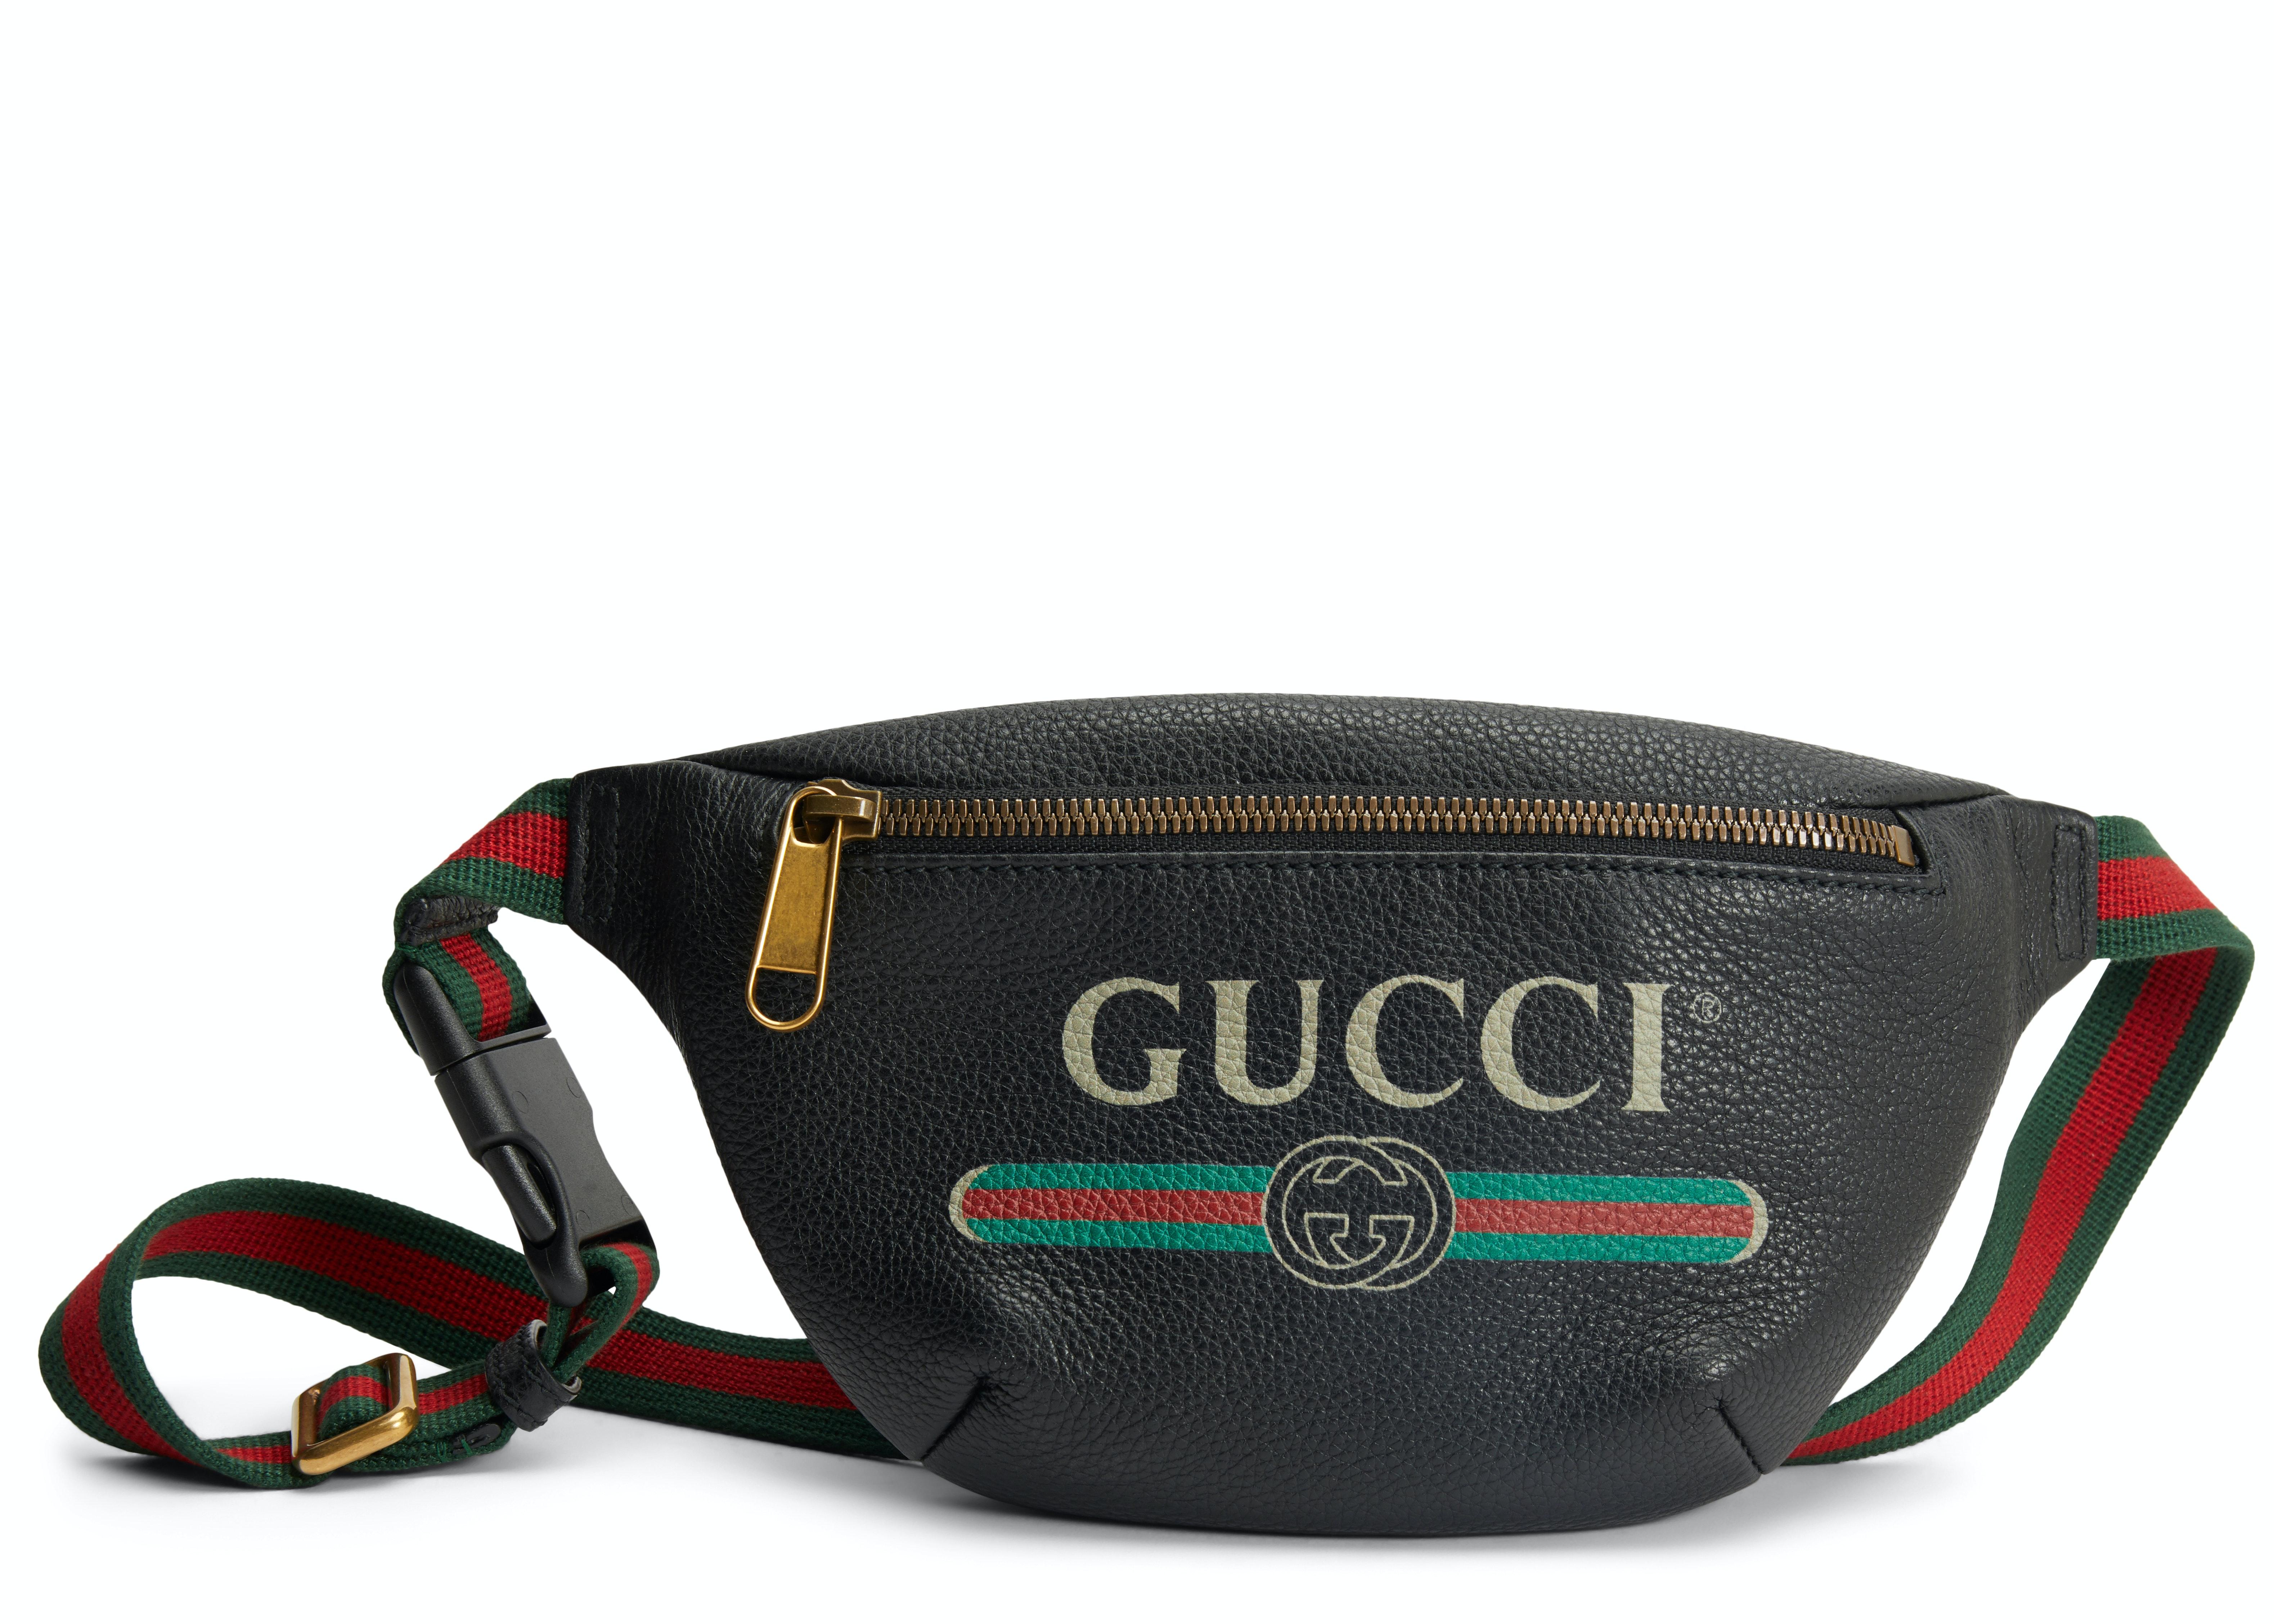 Gucci Print Belt Bag Vintage Logo Small (29.5 - 41 in.) Black